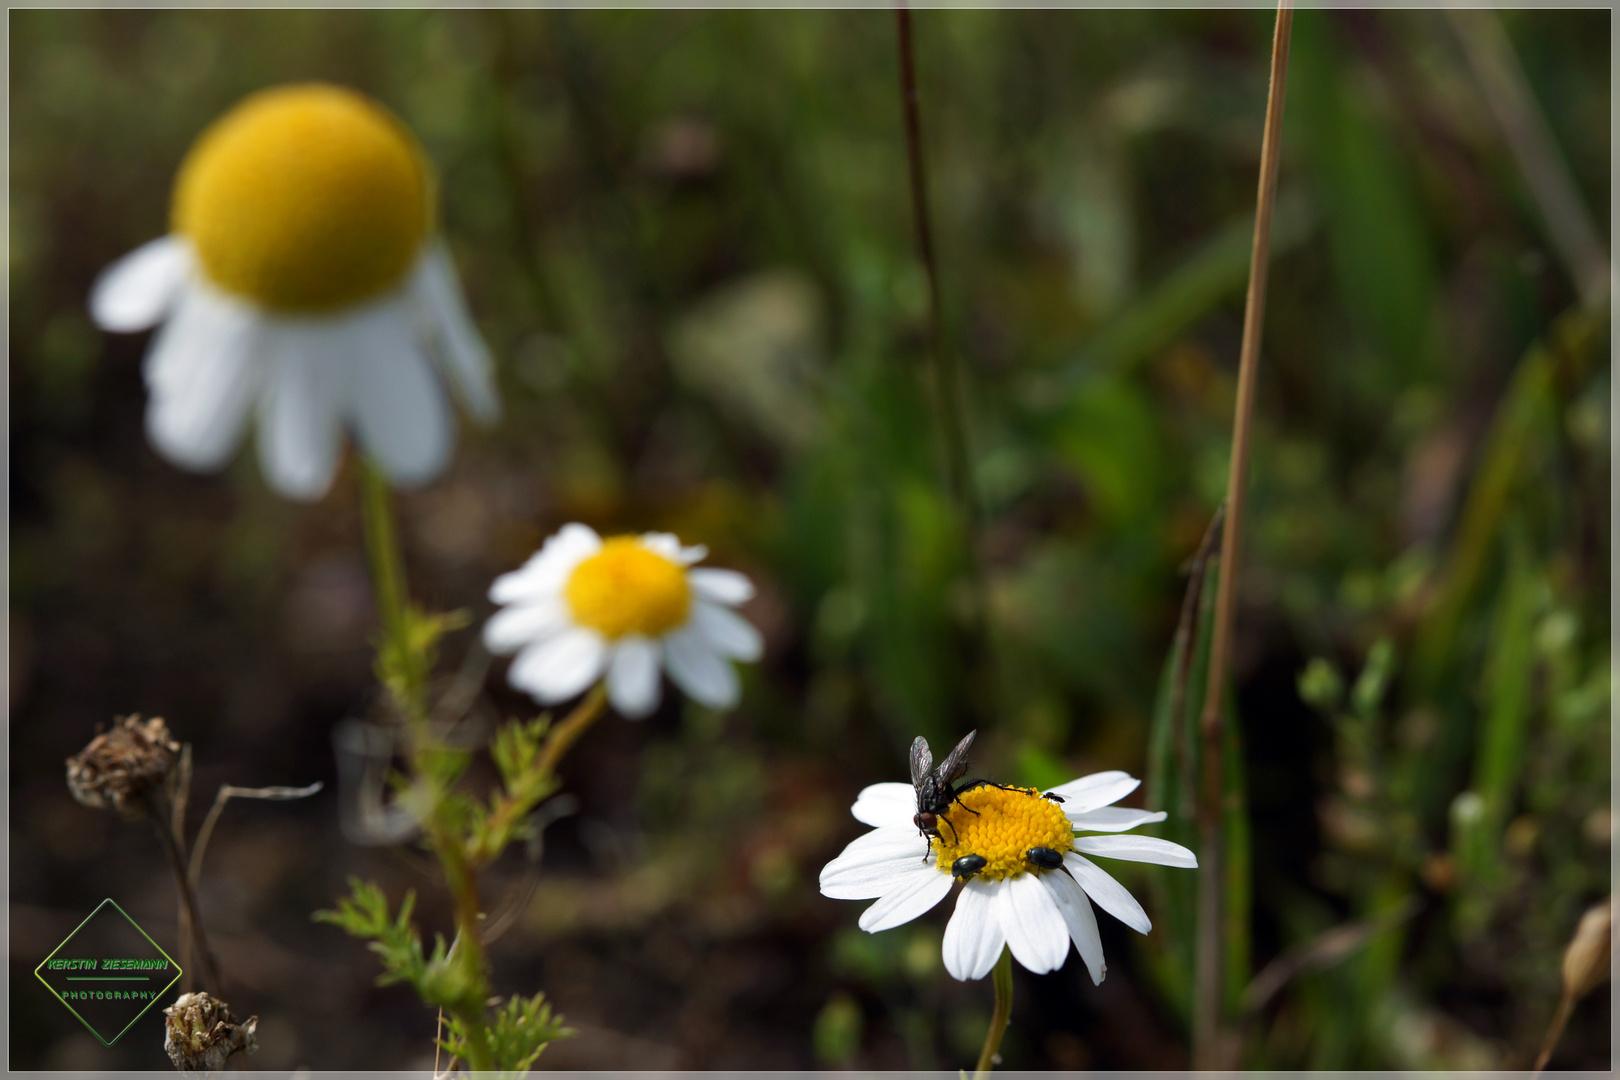 Platz ist auf der kleinsten Blüte